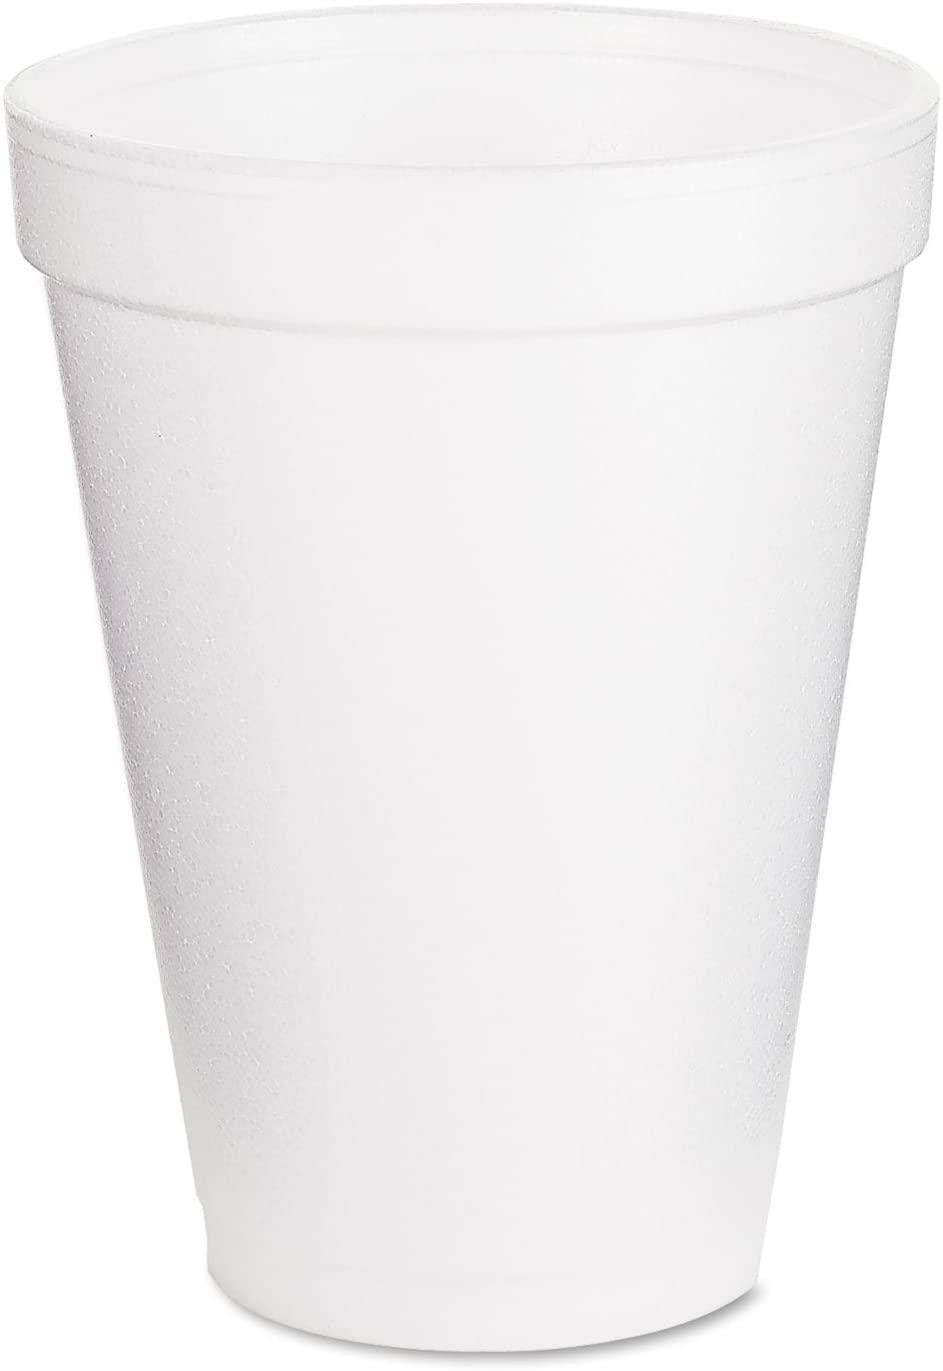 DRC12J12 - Drink Foam Cups